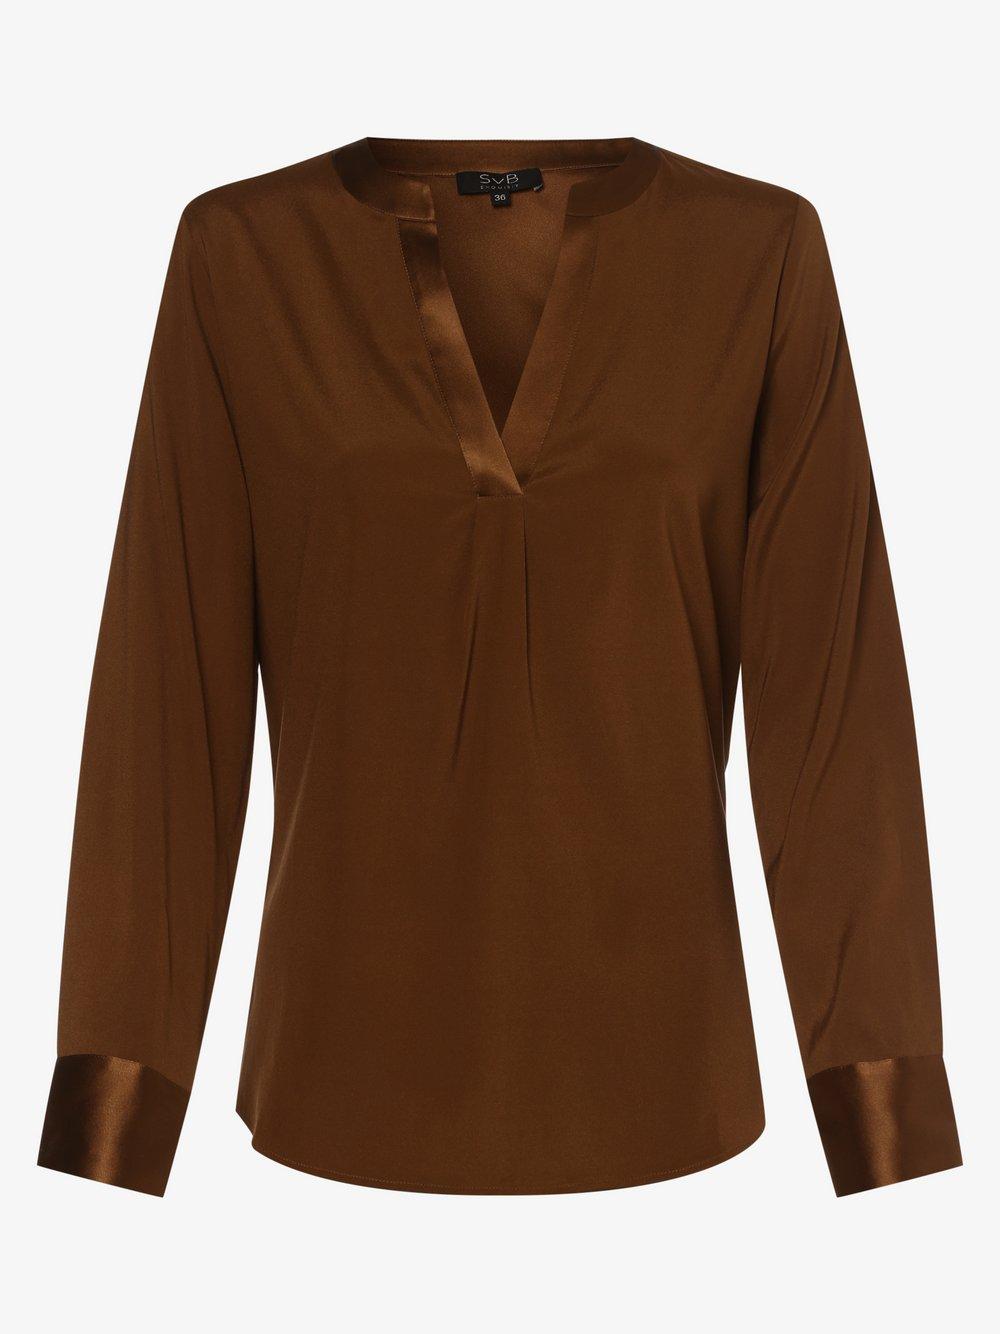 SvB Exquisit – Bluzka damska z mieszanki jedwabiu, brązowy Van Graaf 479062-0002-00420